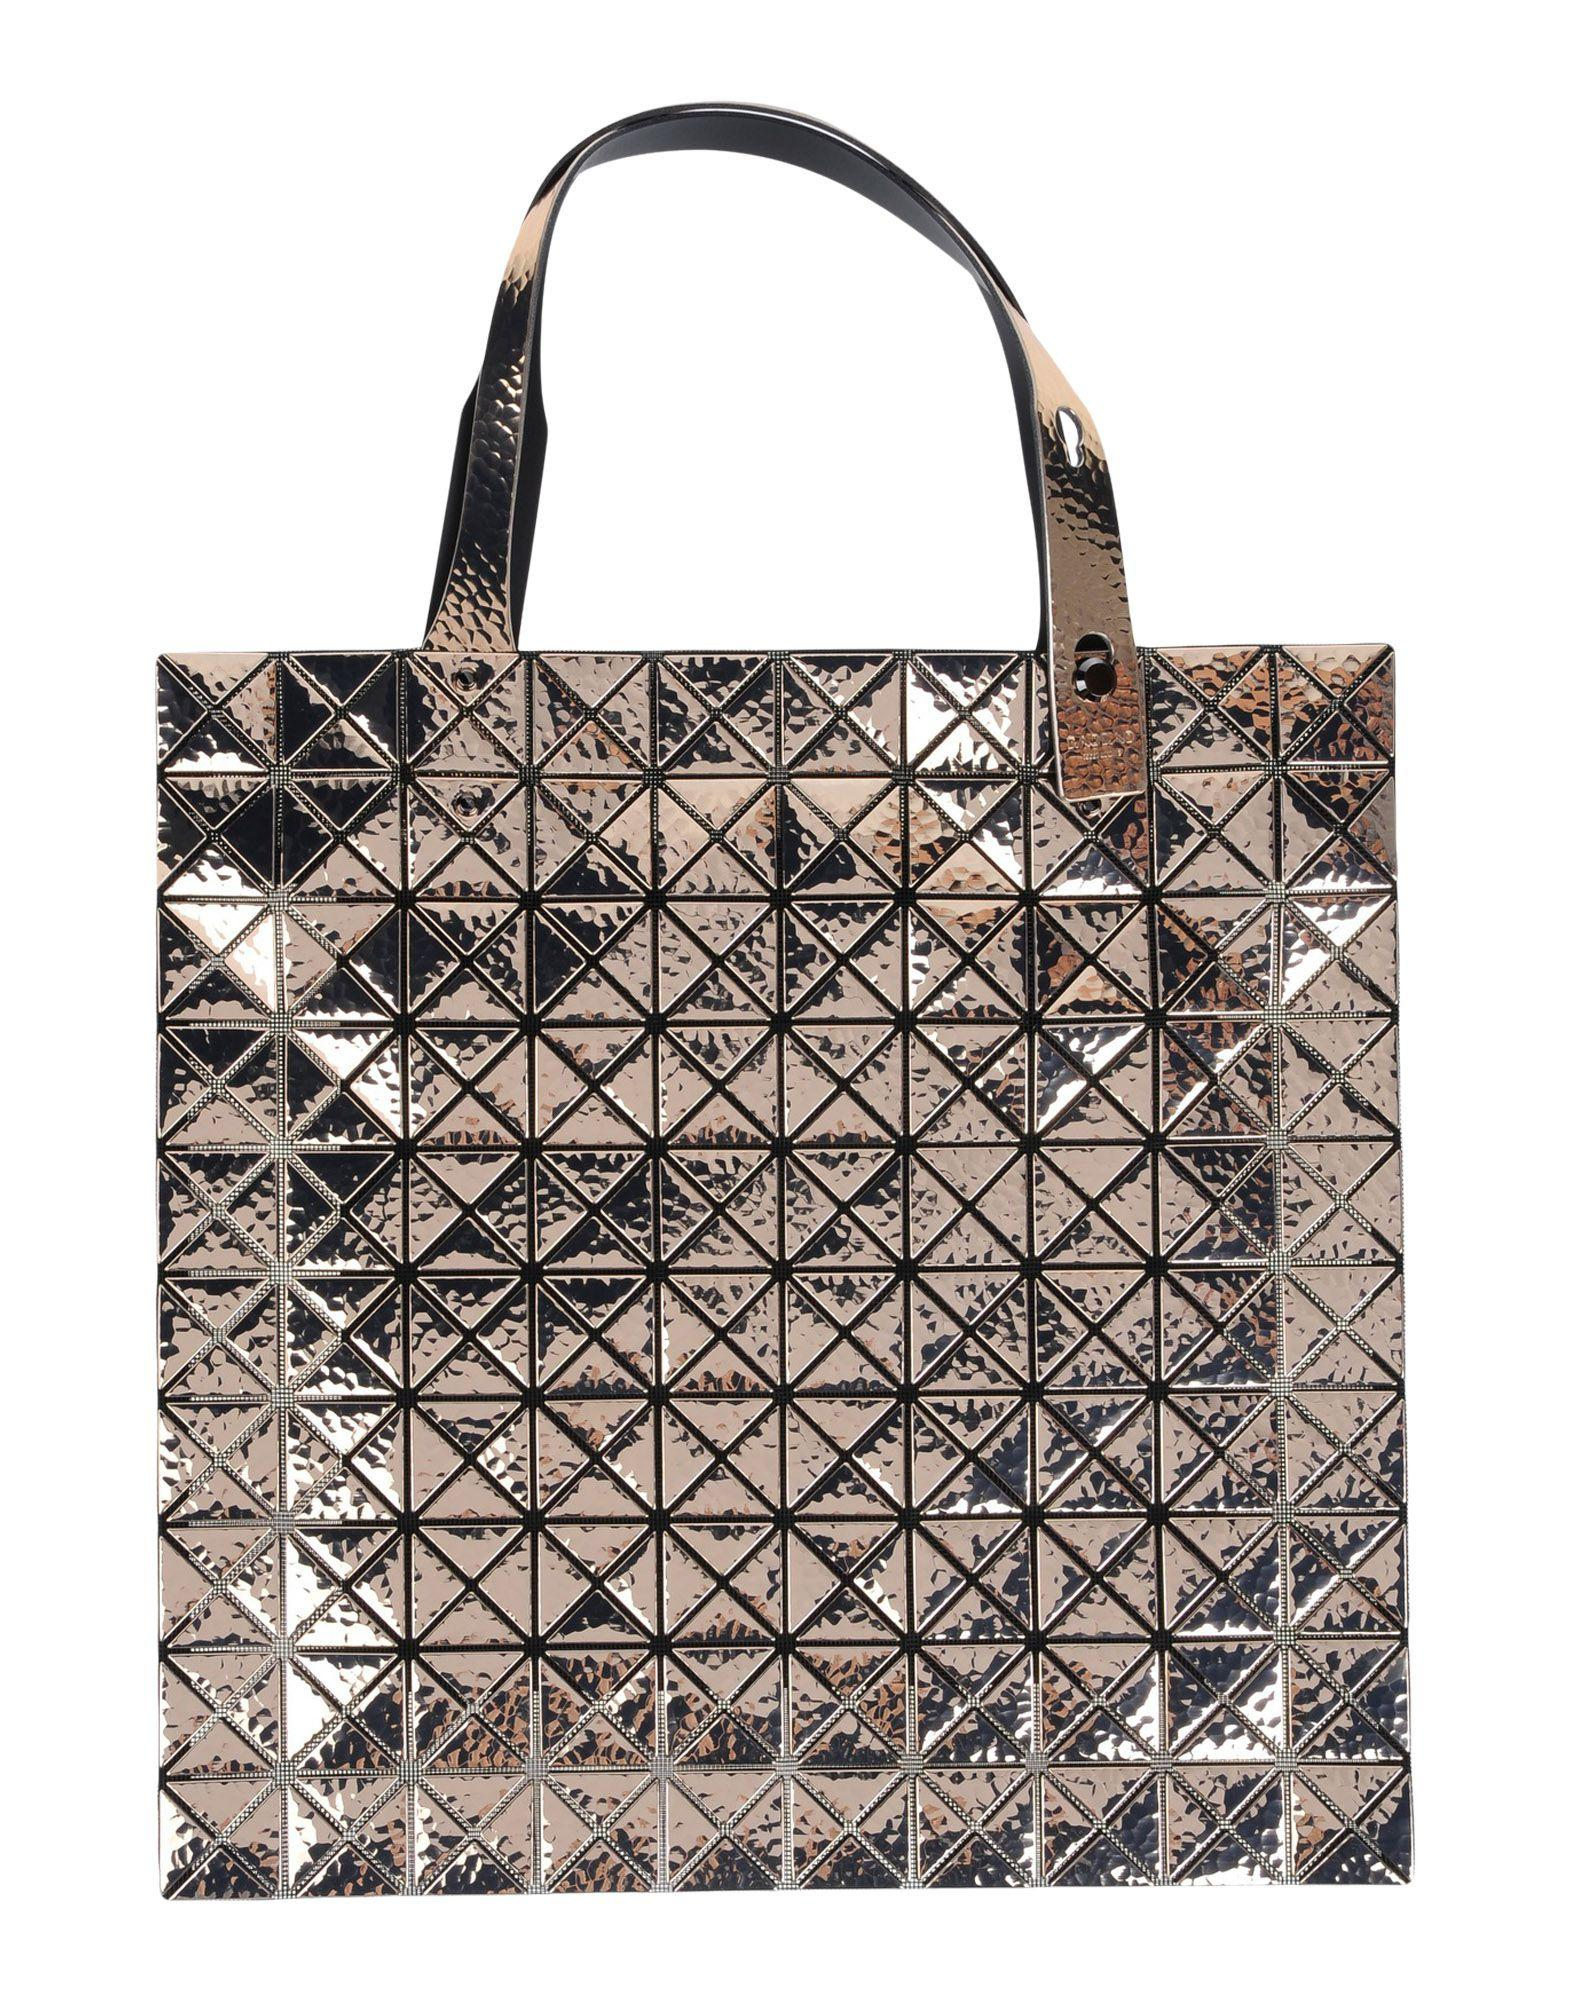 Bao Bao Issey Miyake Handbags In Gold